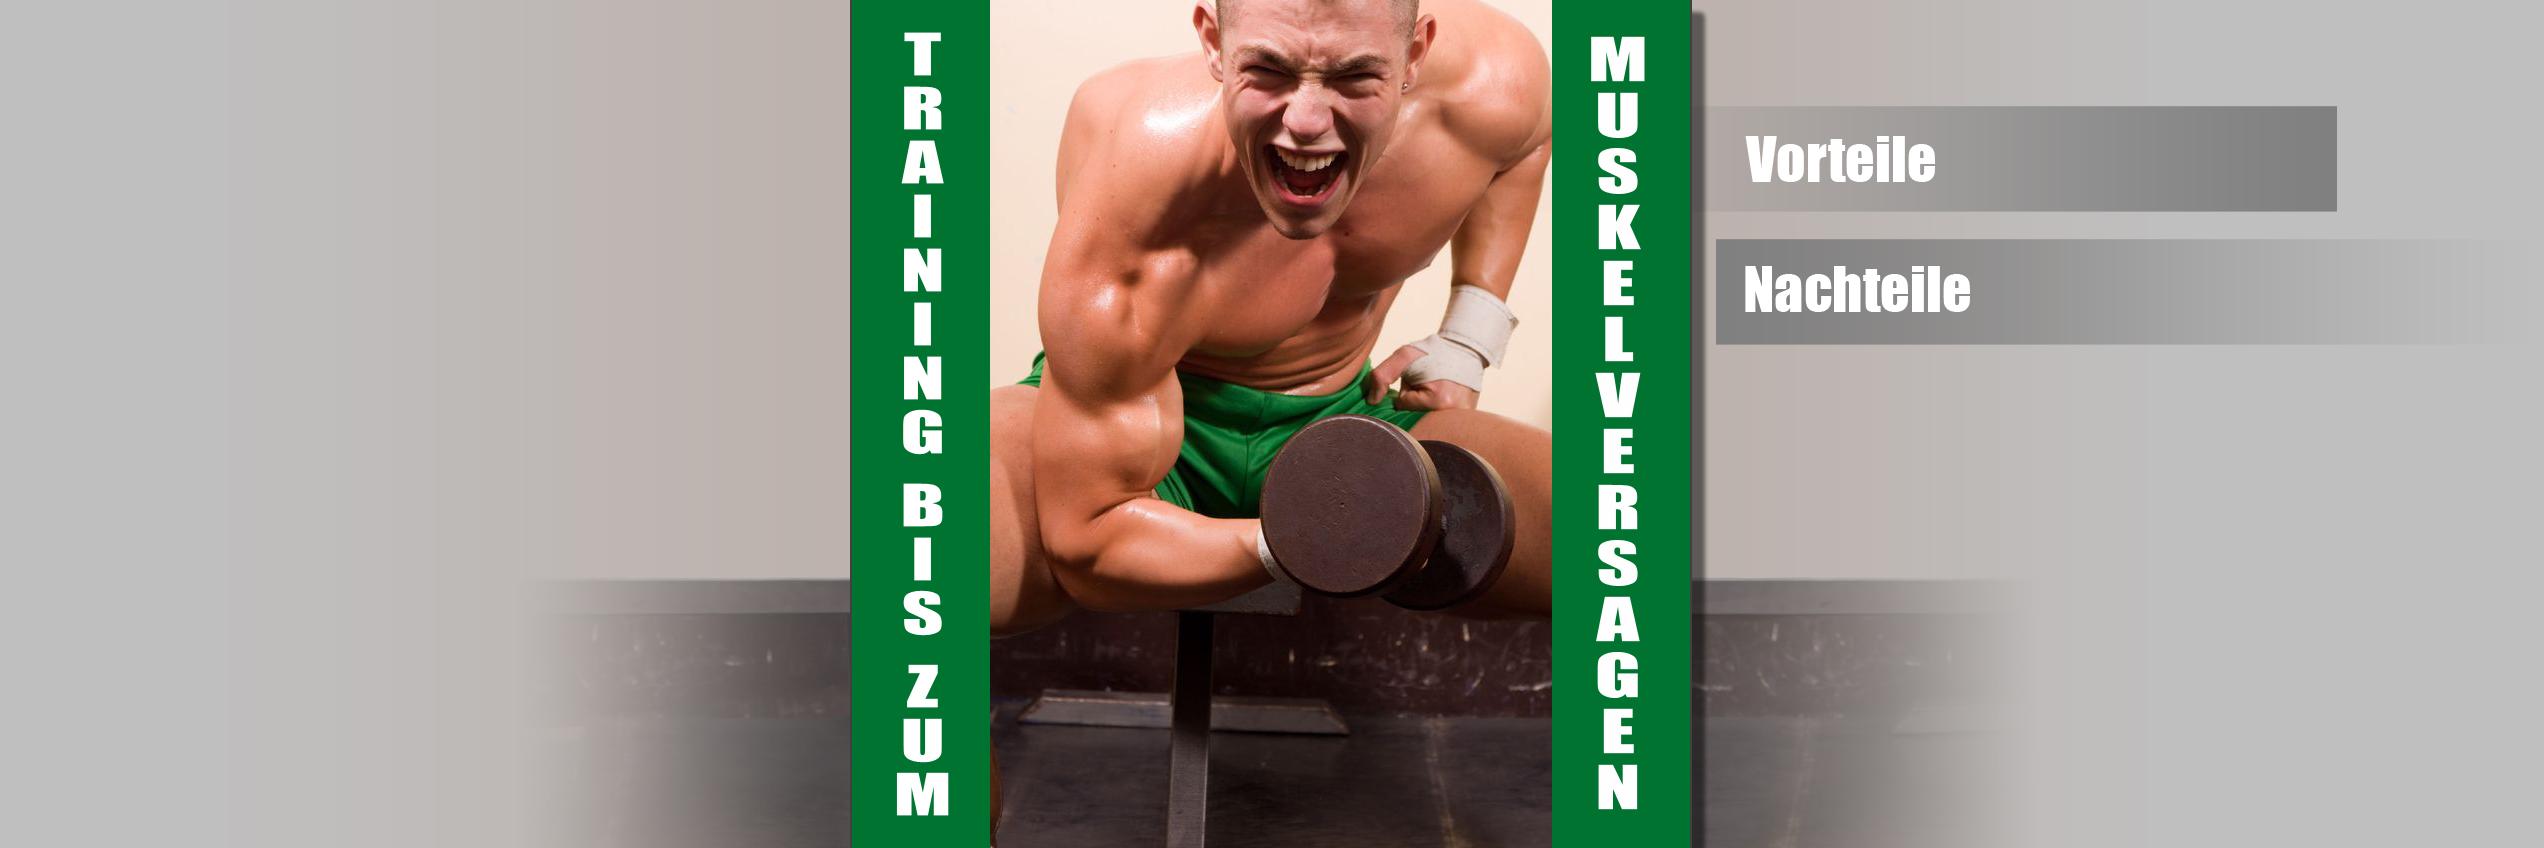 Training bis zum Muskelversagen – Vorteile und Nachteile